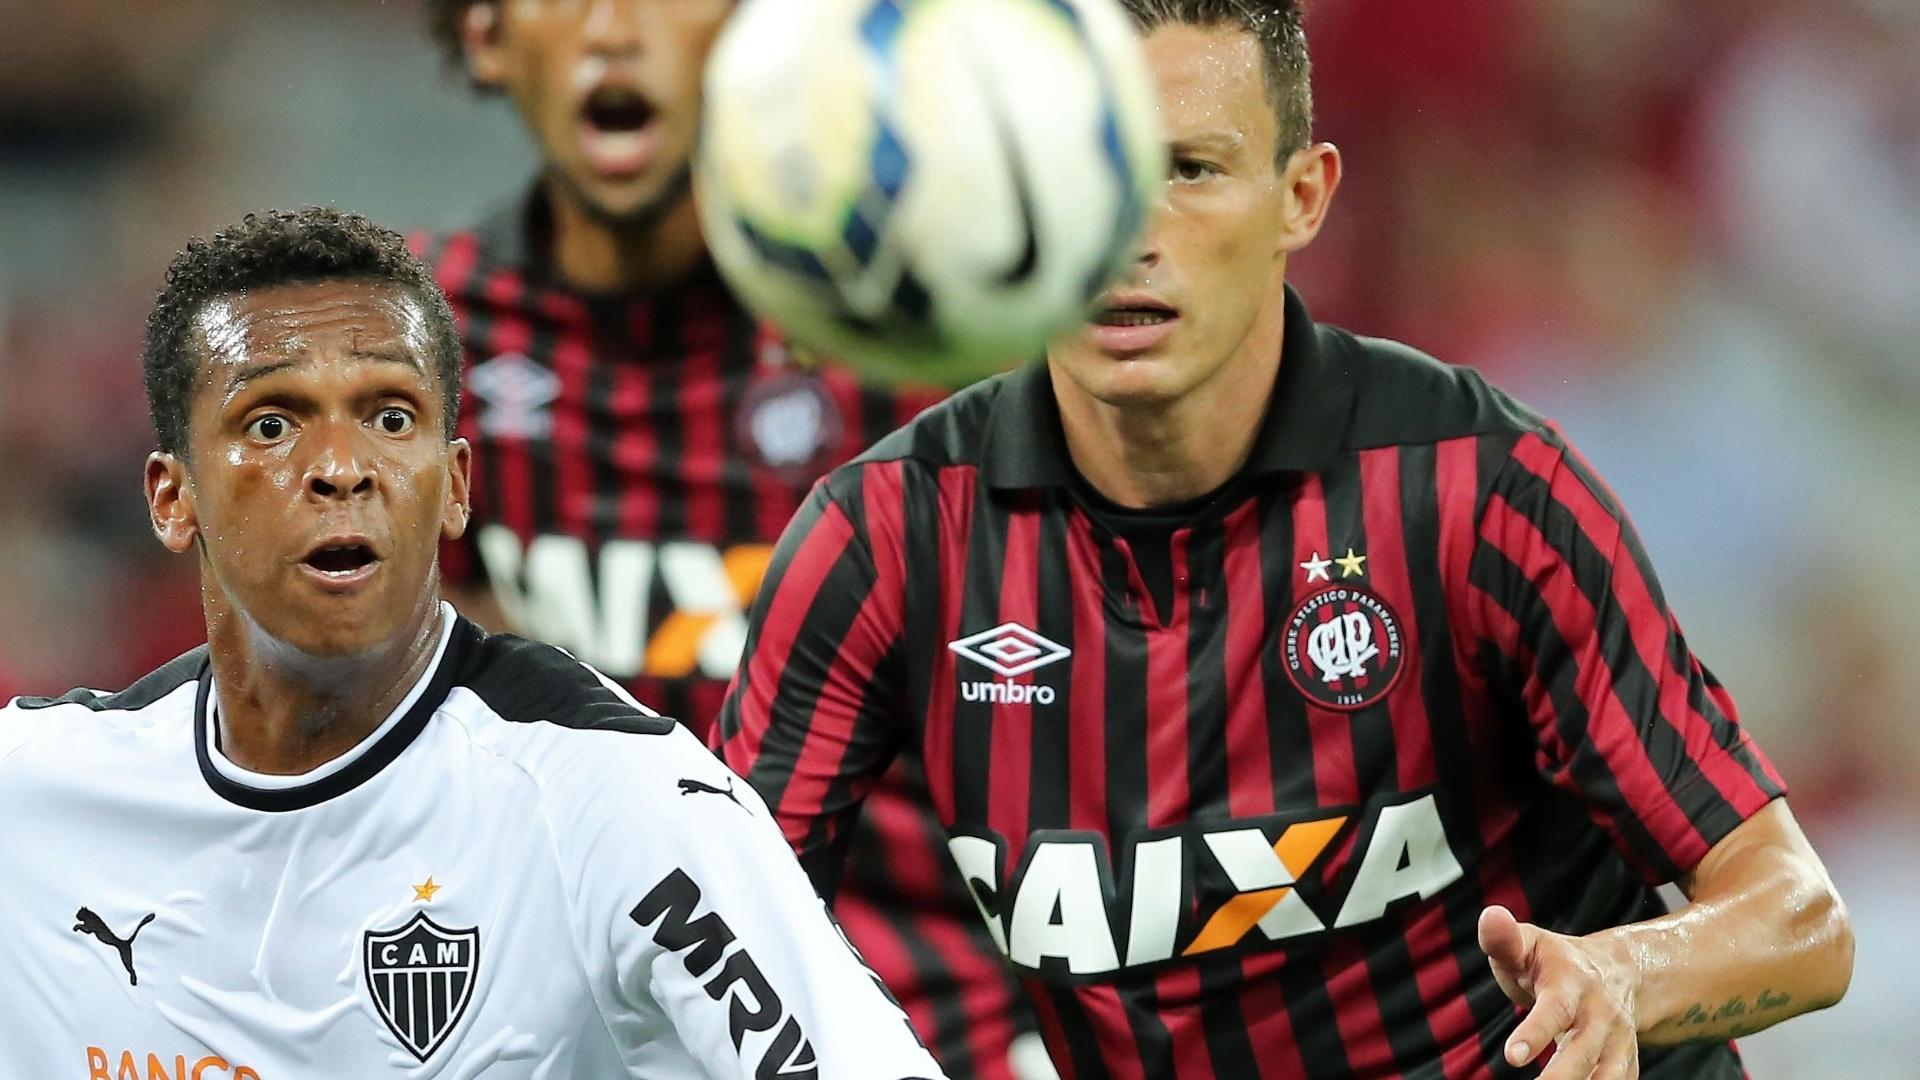 Jô disputa bola com Gustavo no jogo entre Atlético-MG e Atlético-PR